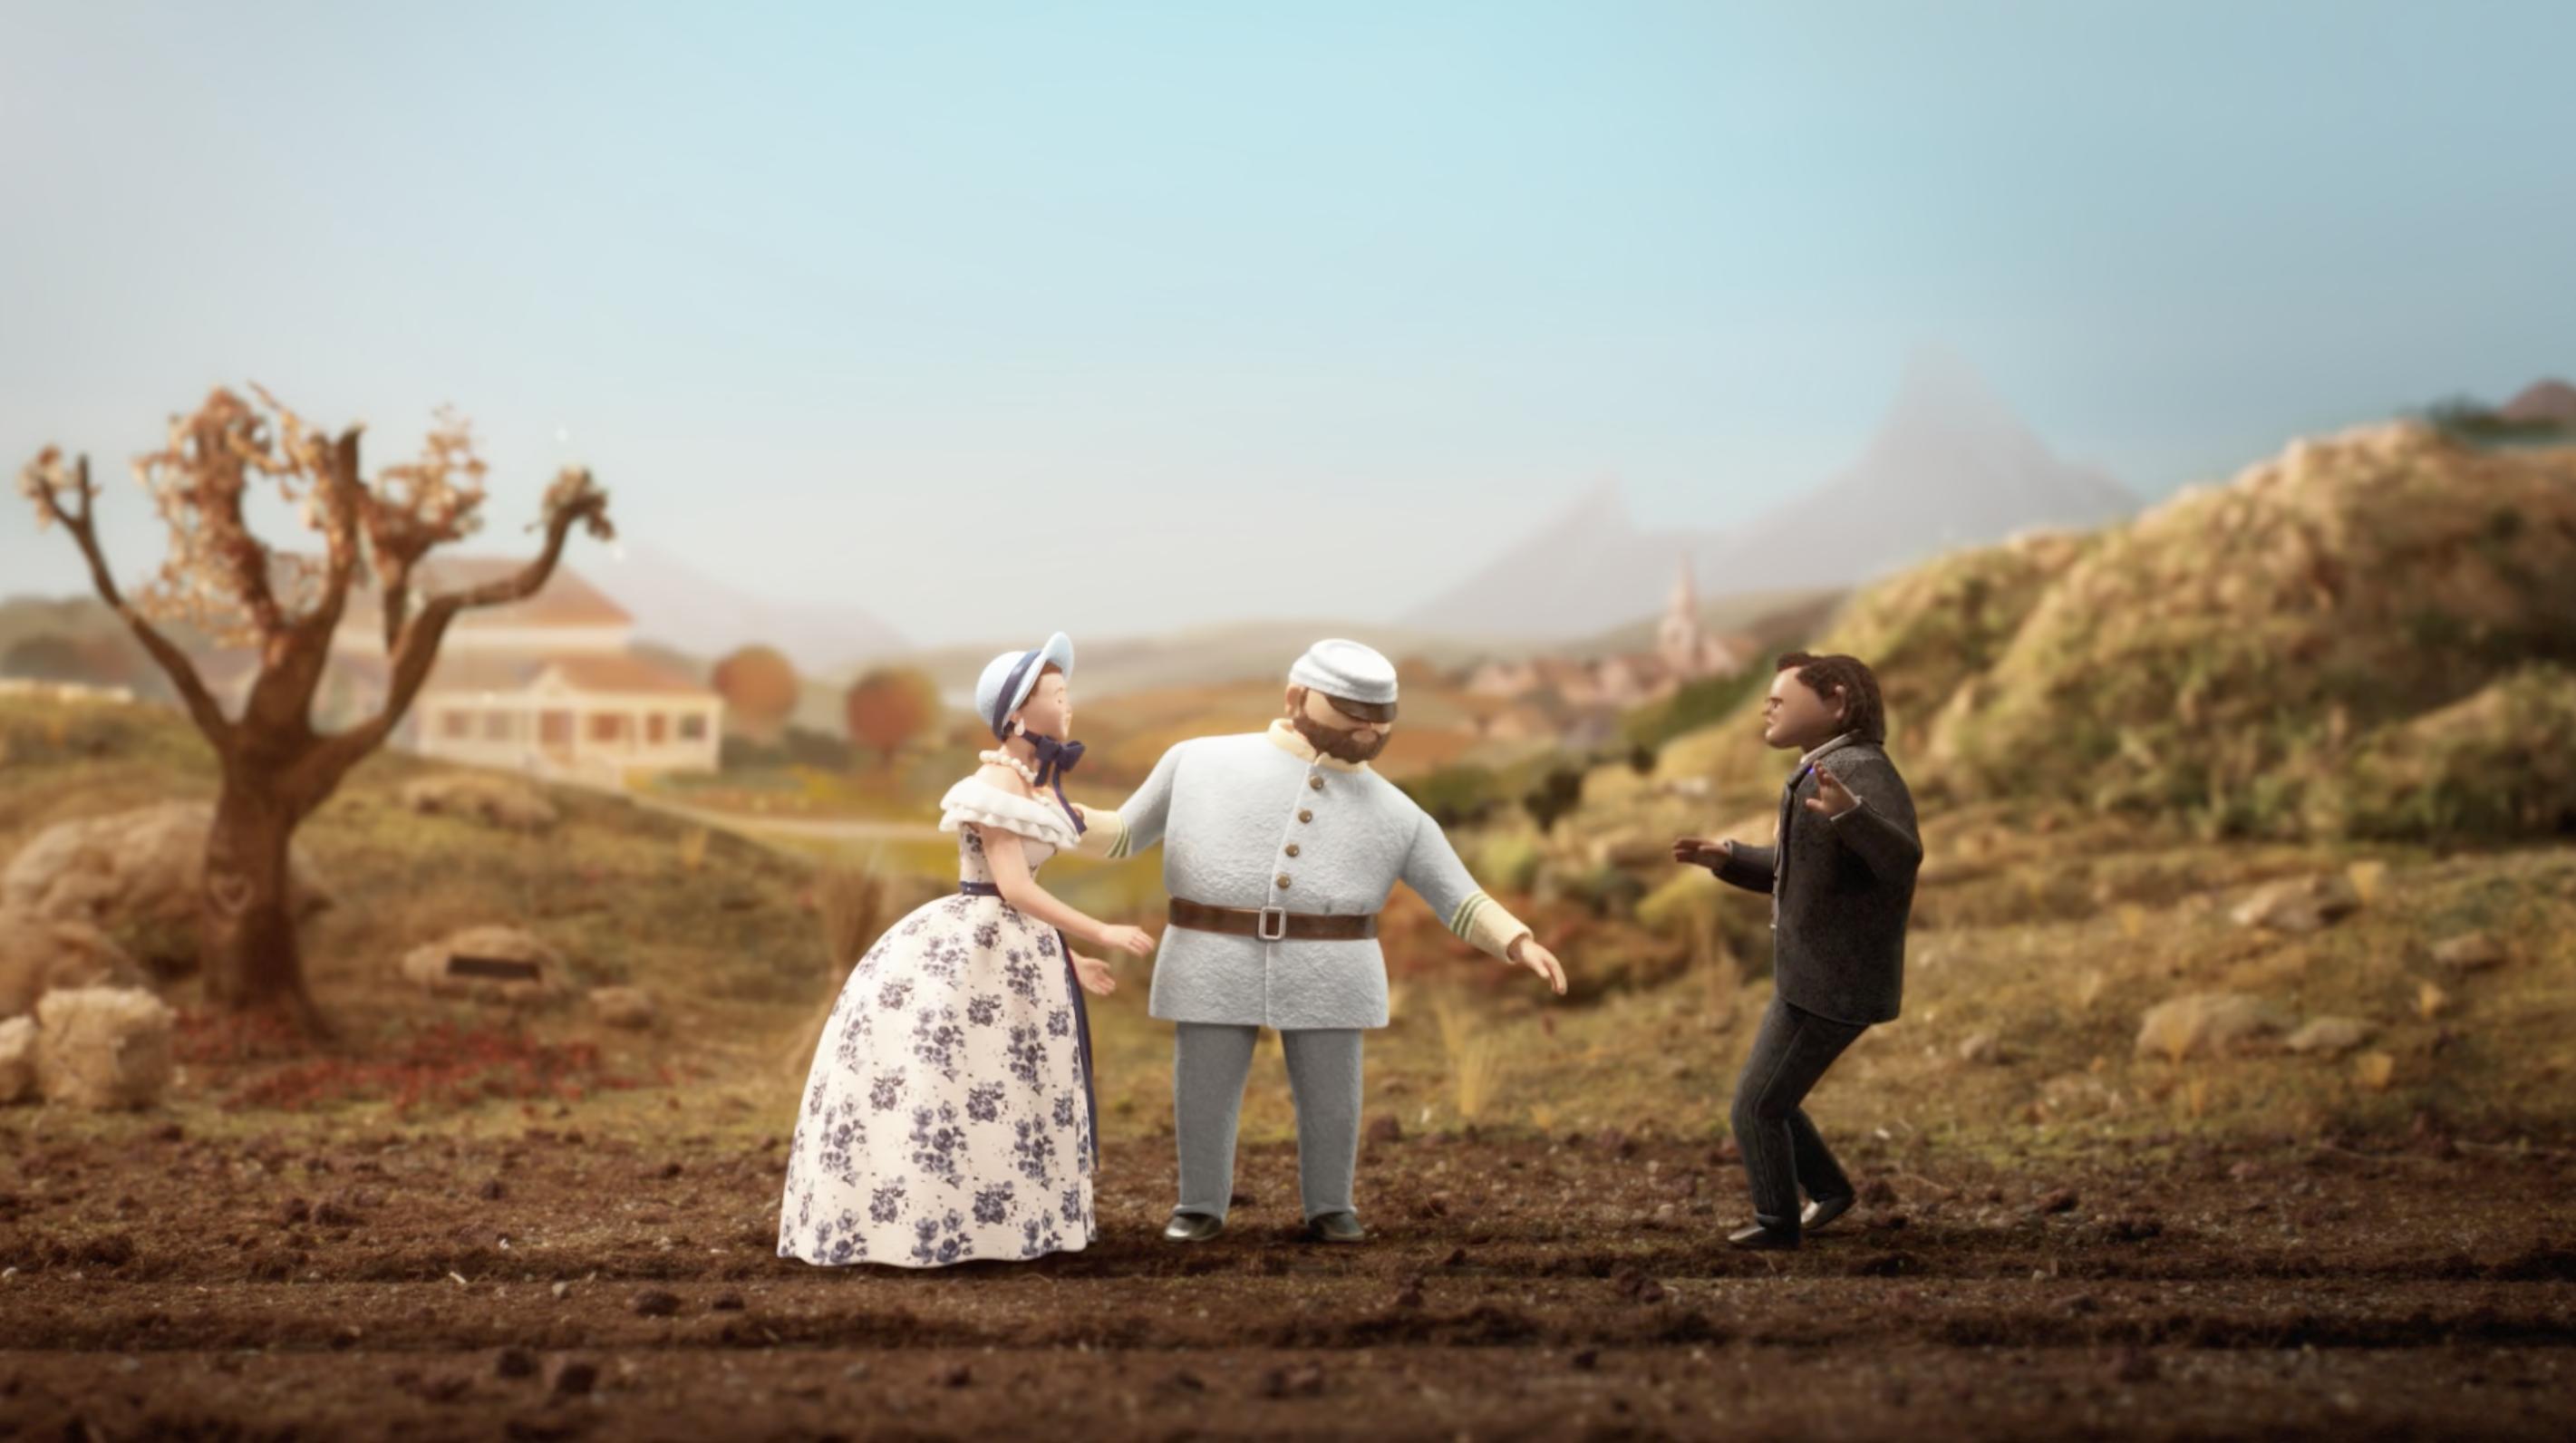 Tinder retrace l'histoire des rencontres amoureuses de la préhistoire à nos jours